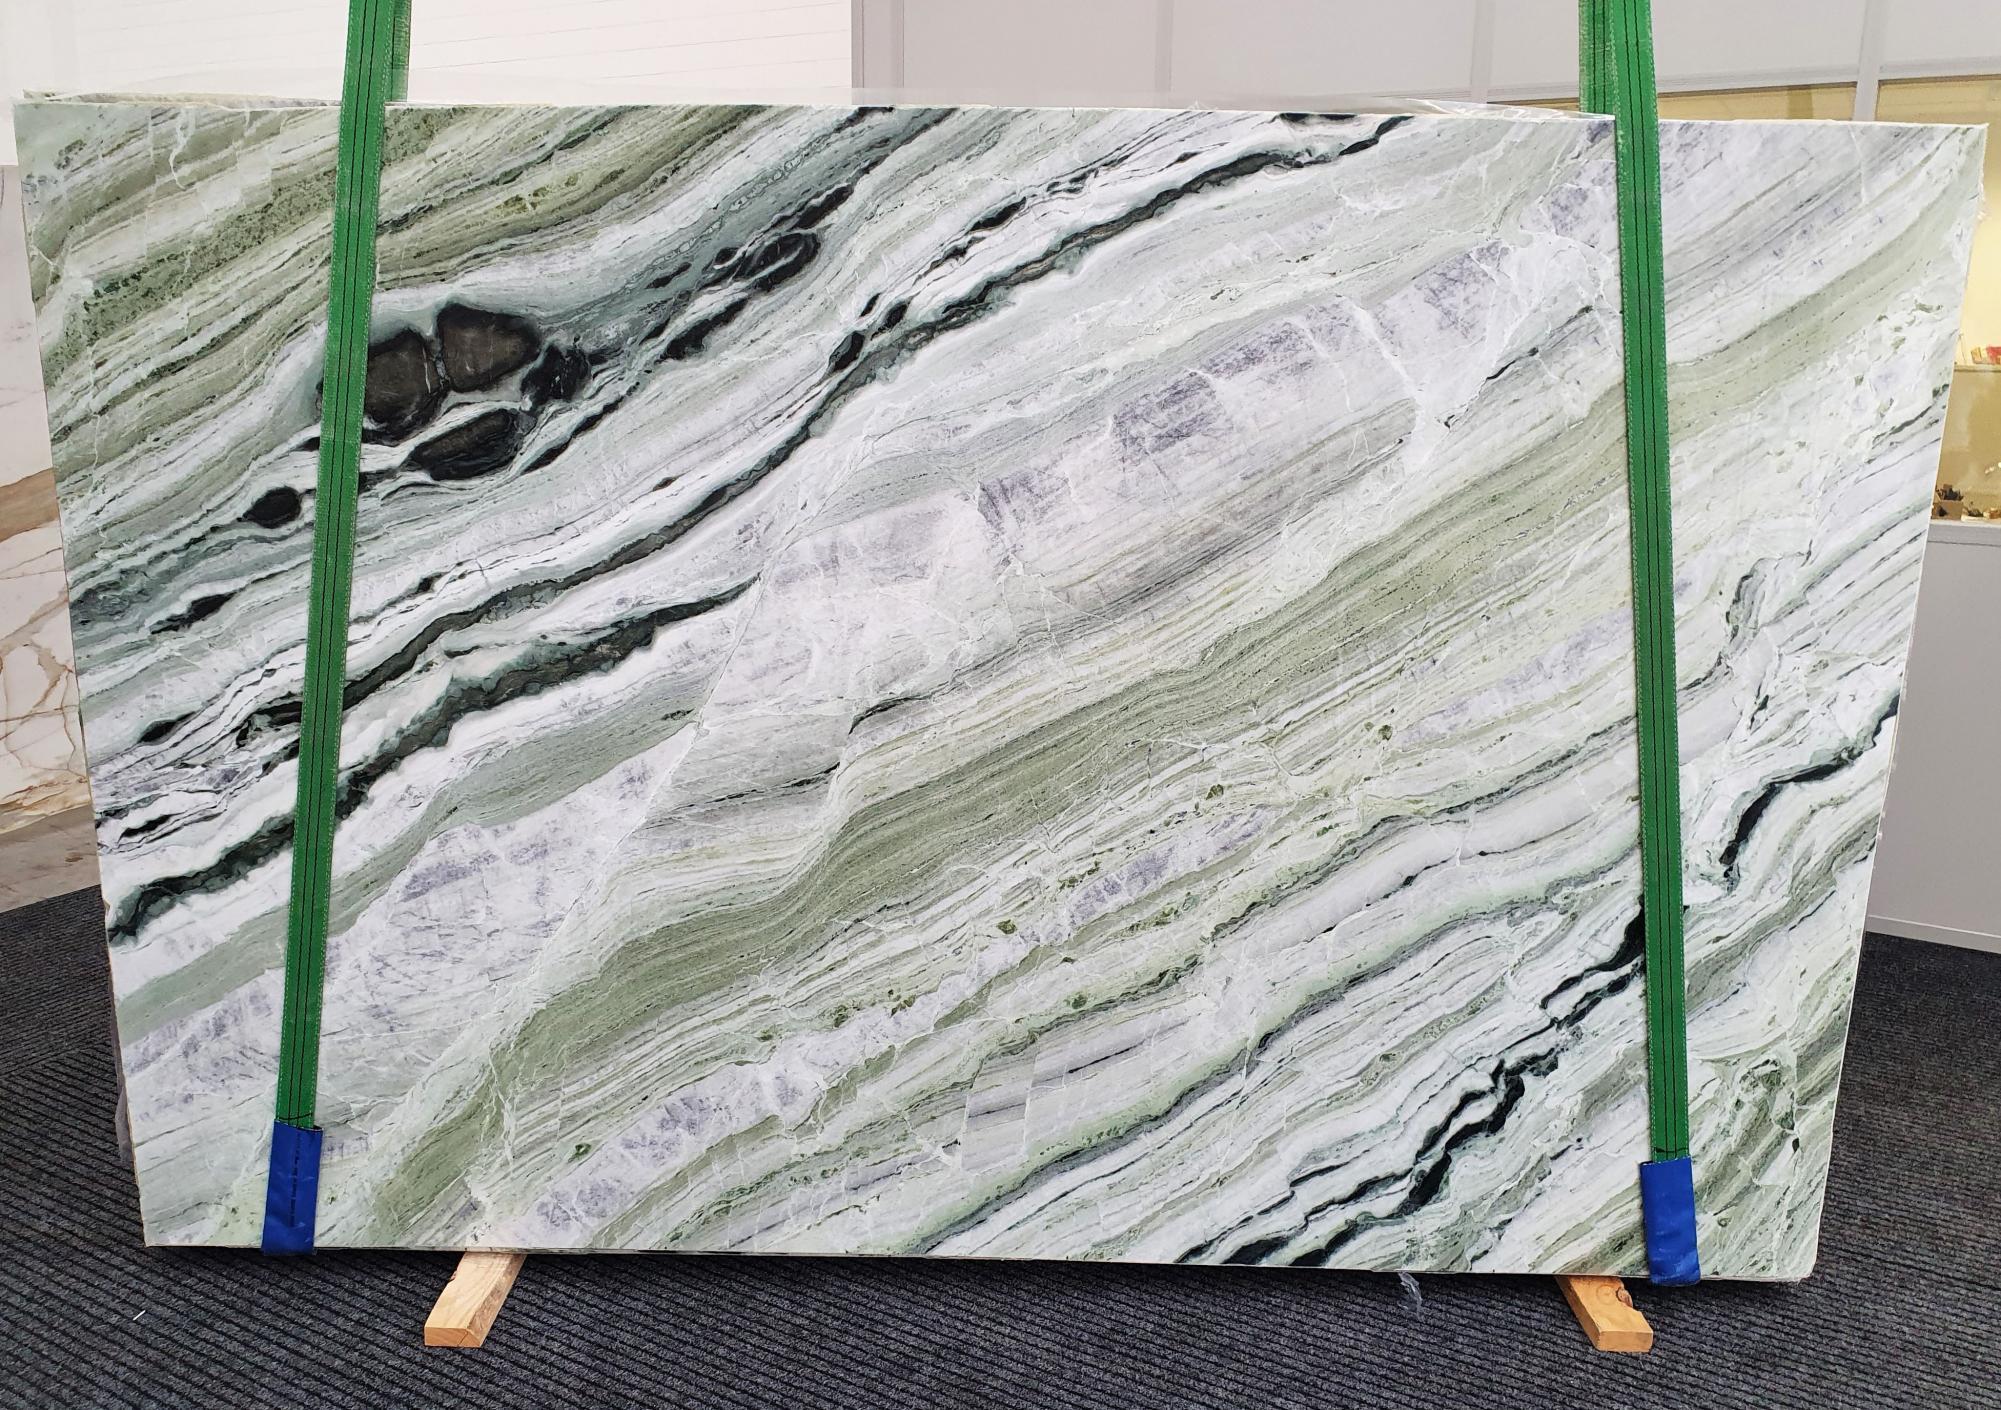 GREEN BEAUTY Suministro Veneto (Italia) de planchas pulidas en mármol natural 1452 , Slab #20